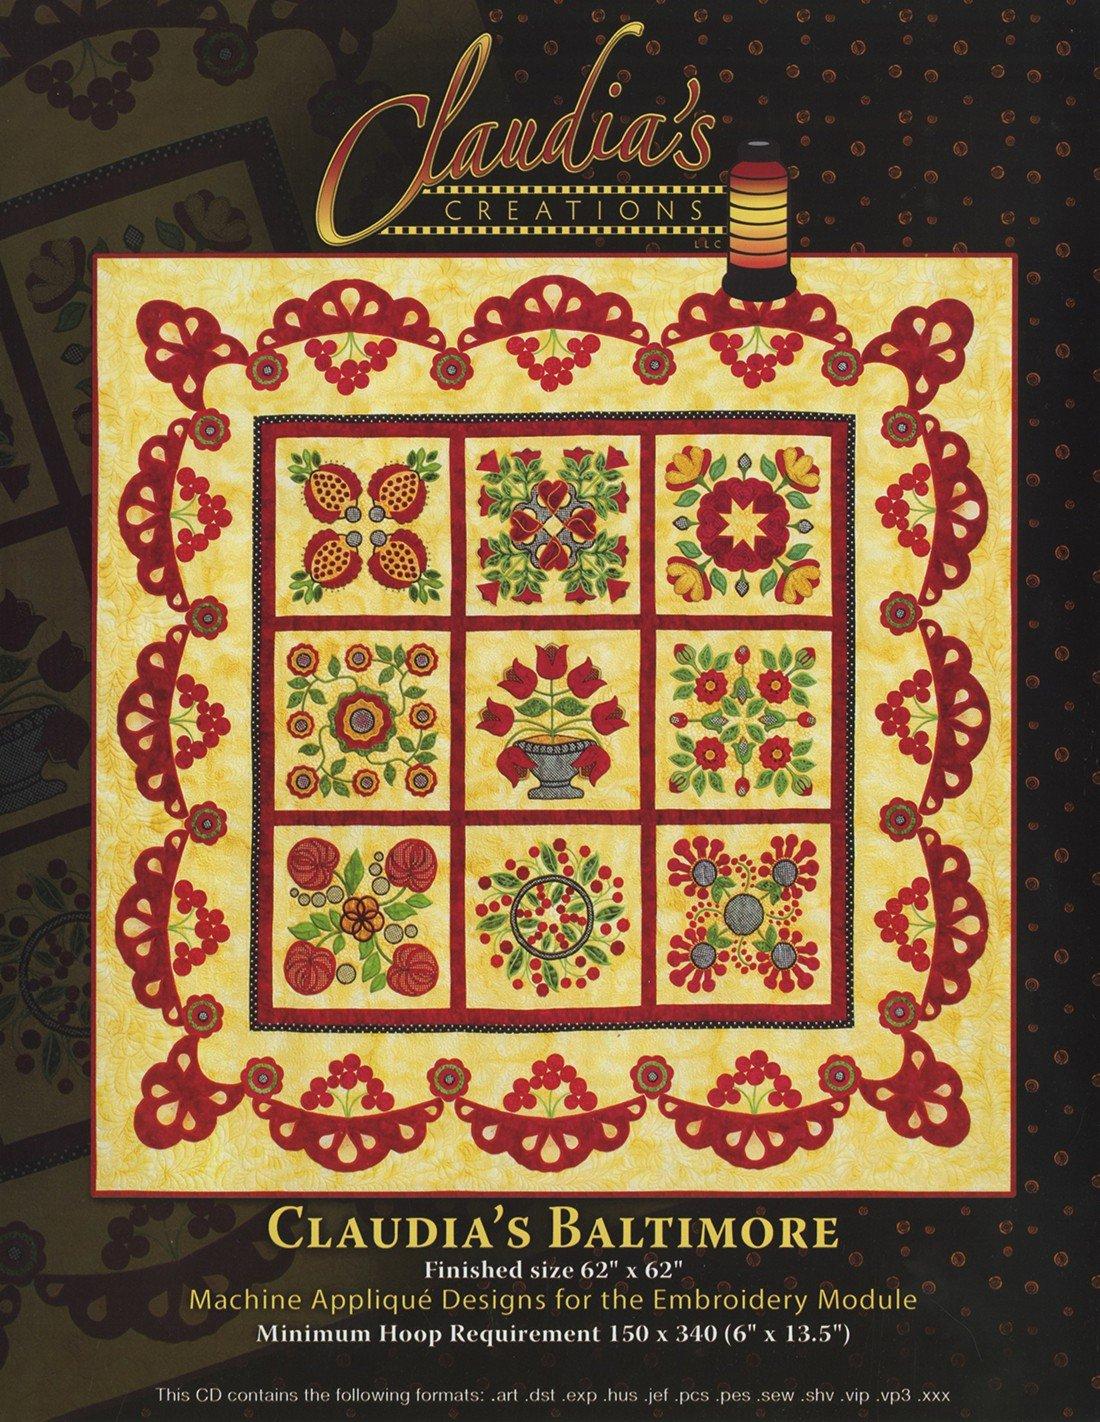 Claudia's Baltimore